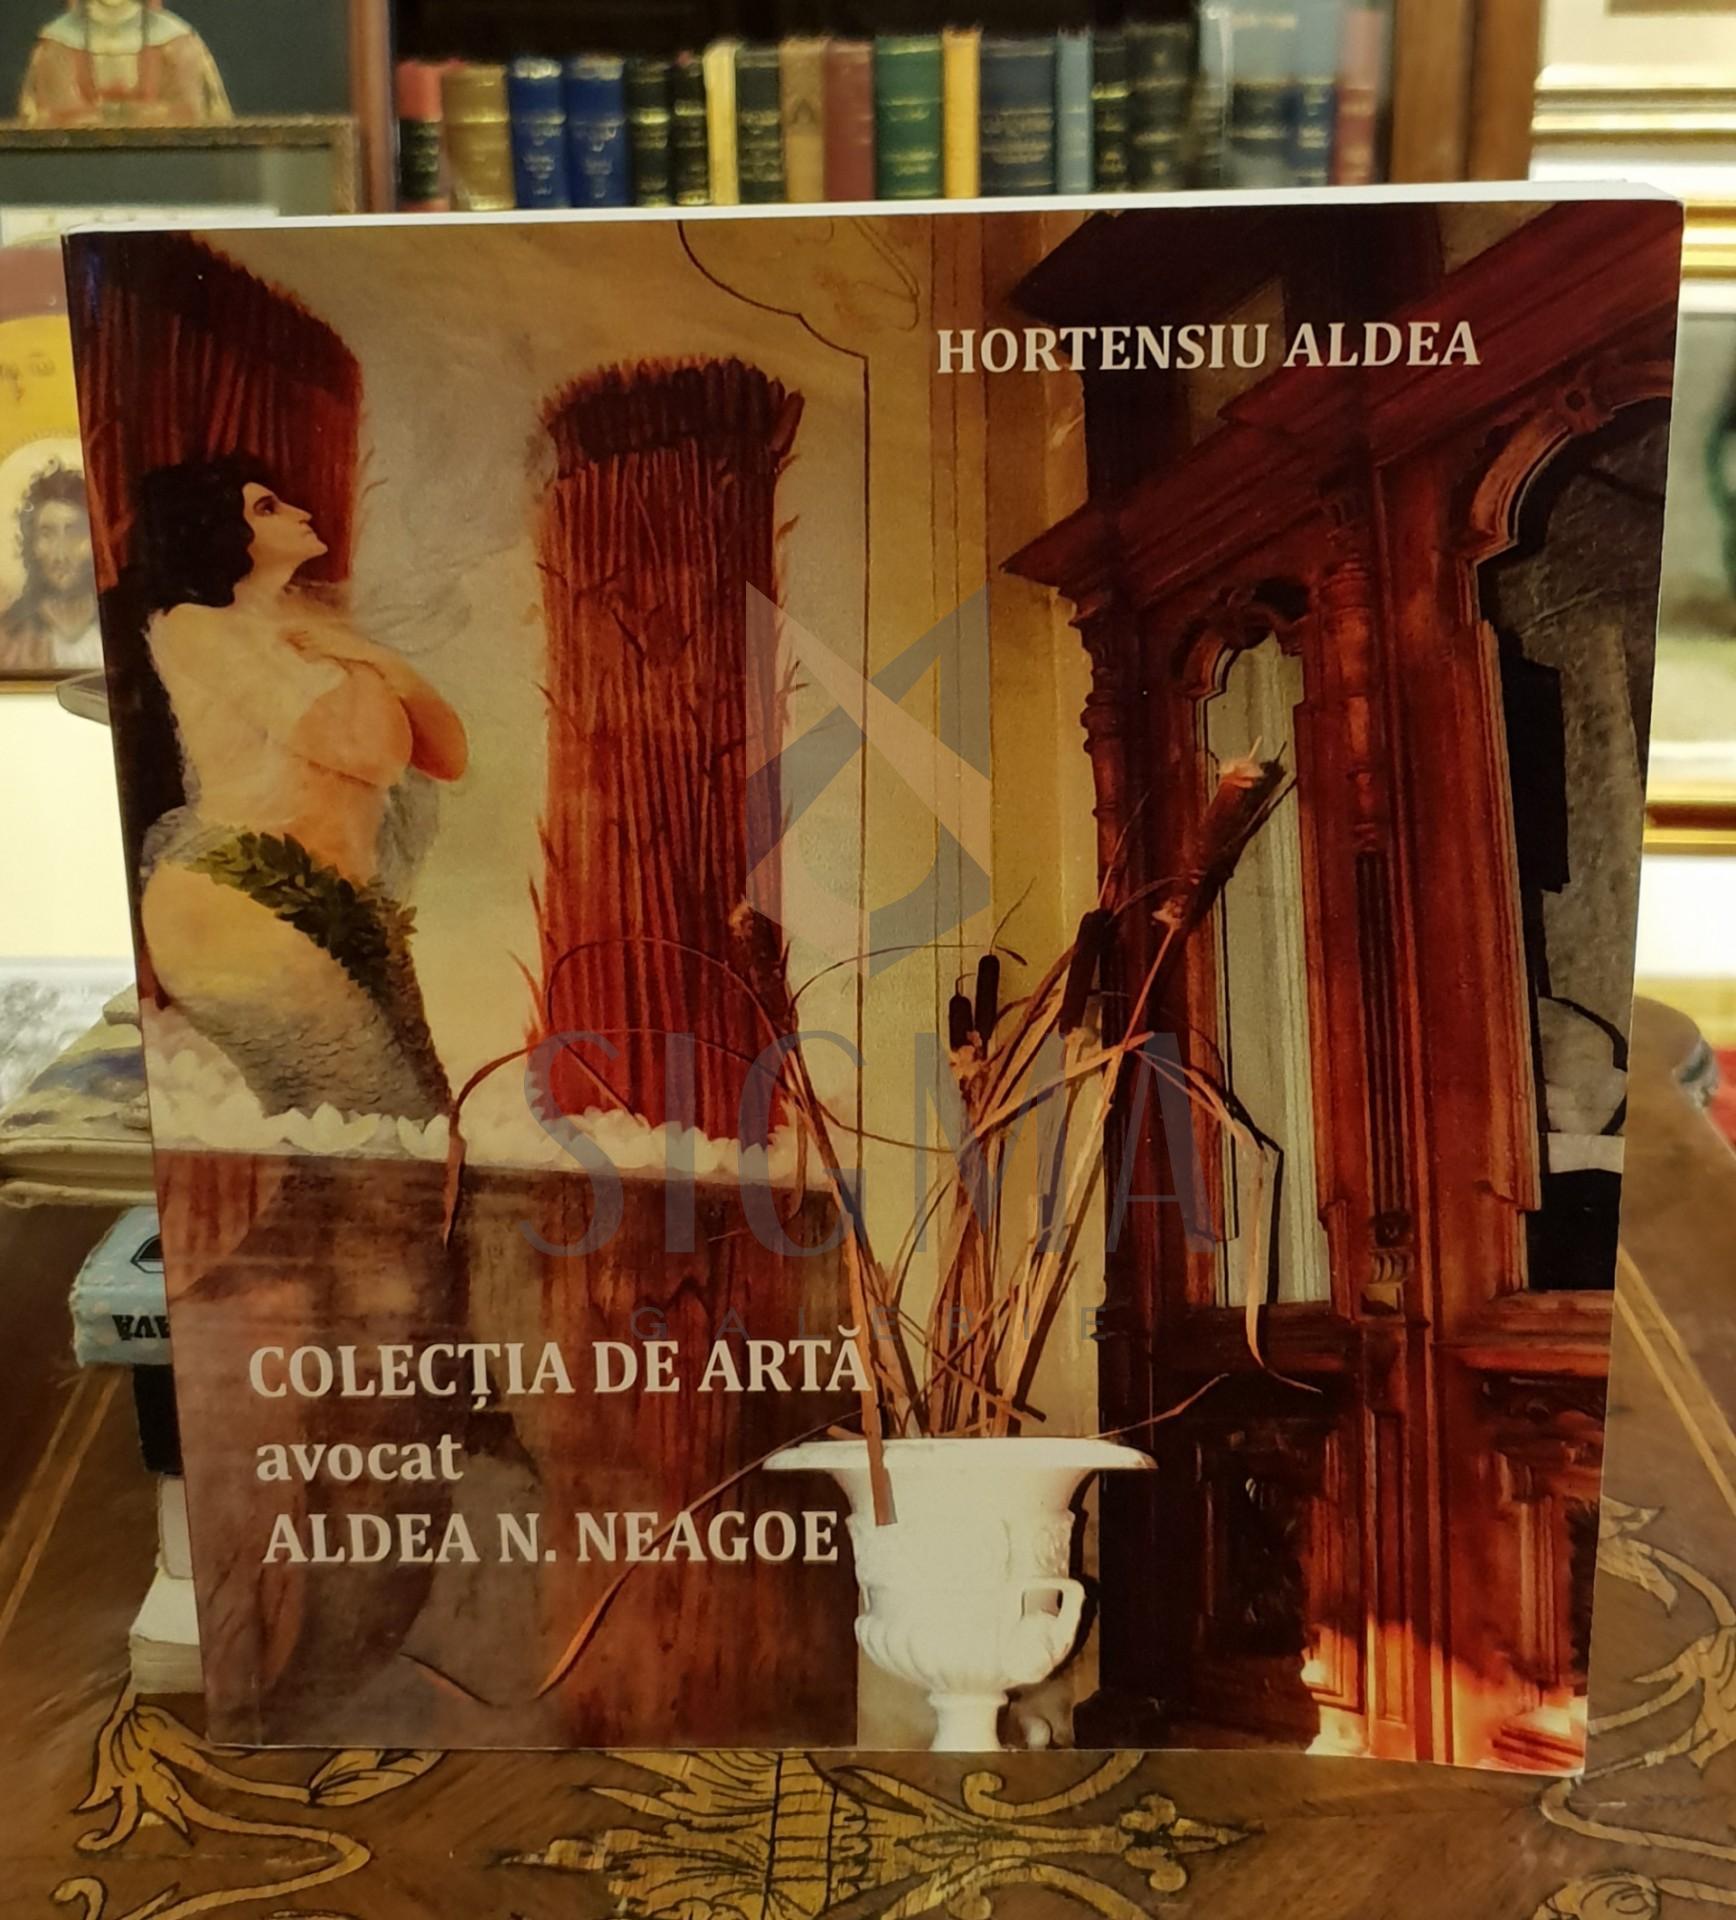 Colectia de arta